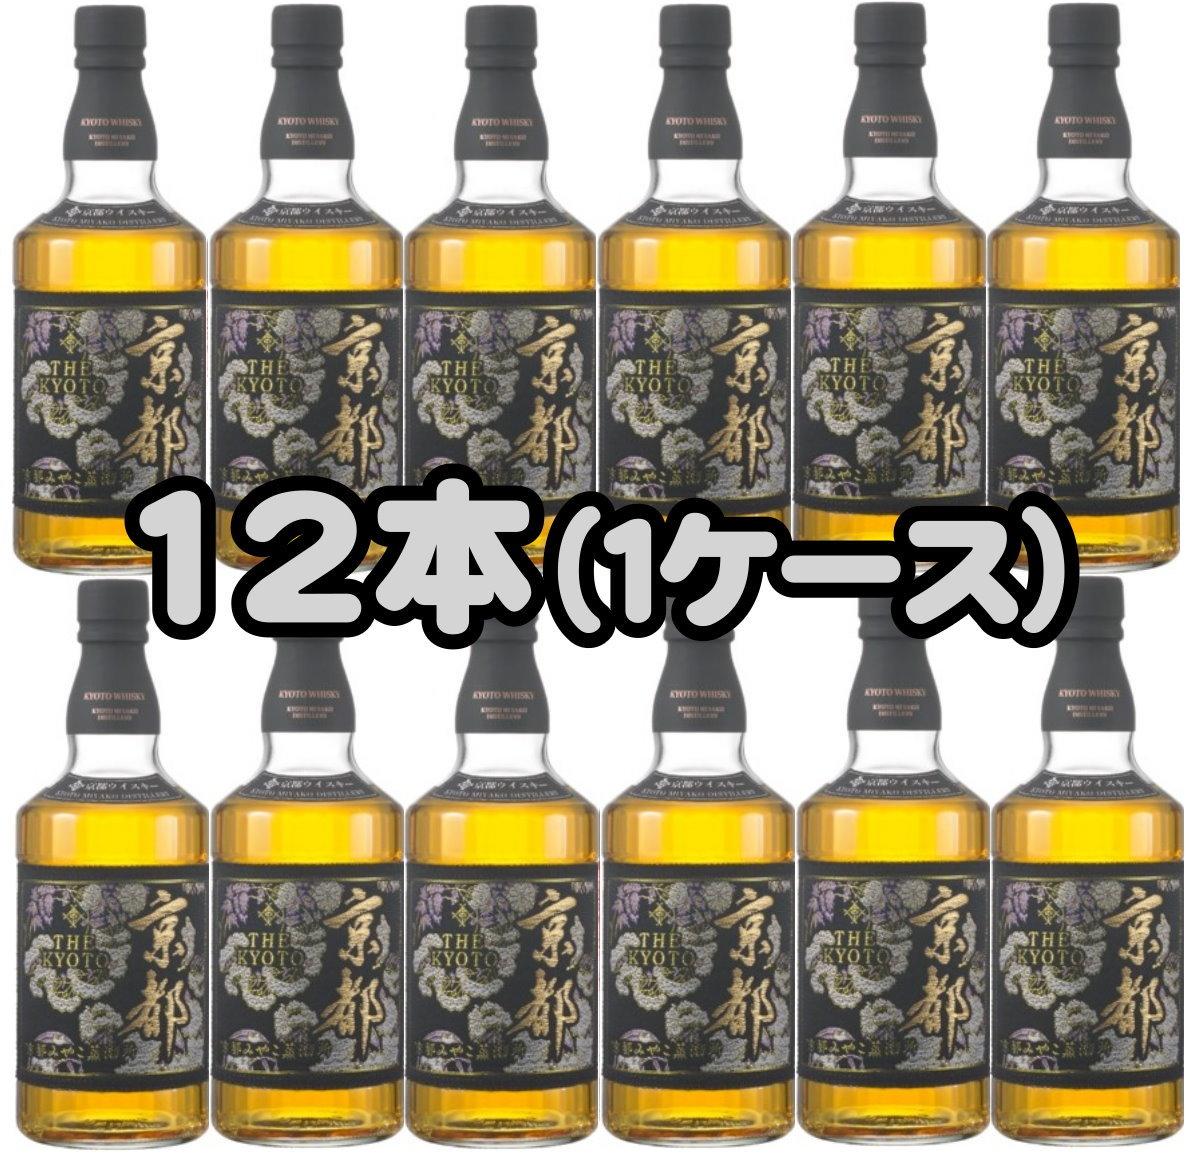 京都ウイスキー 西陣織 黒帯 箱付き 46度 700ml 12本セット